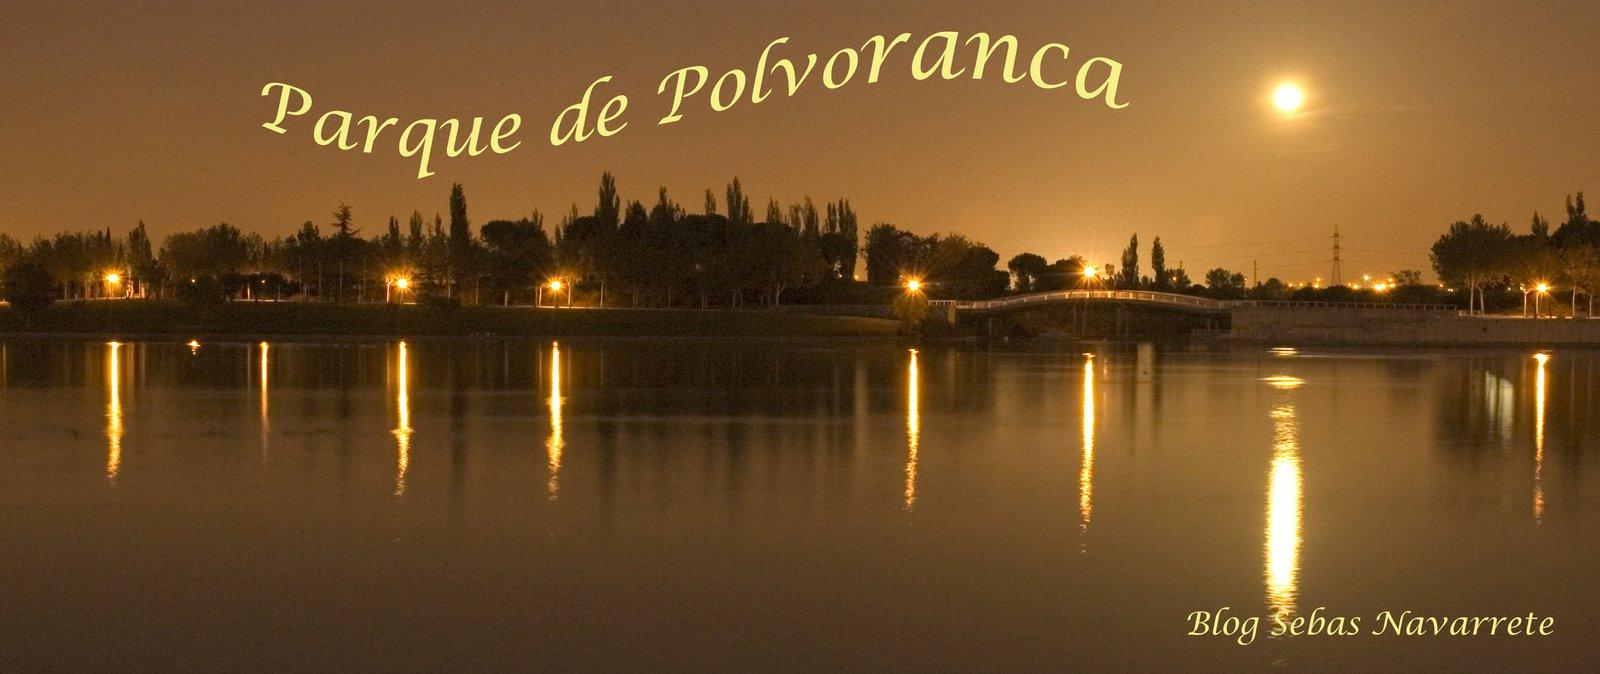 Parque de Polvoranca